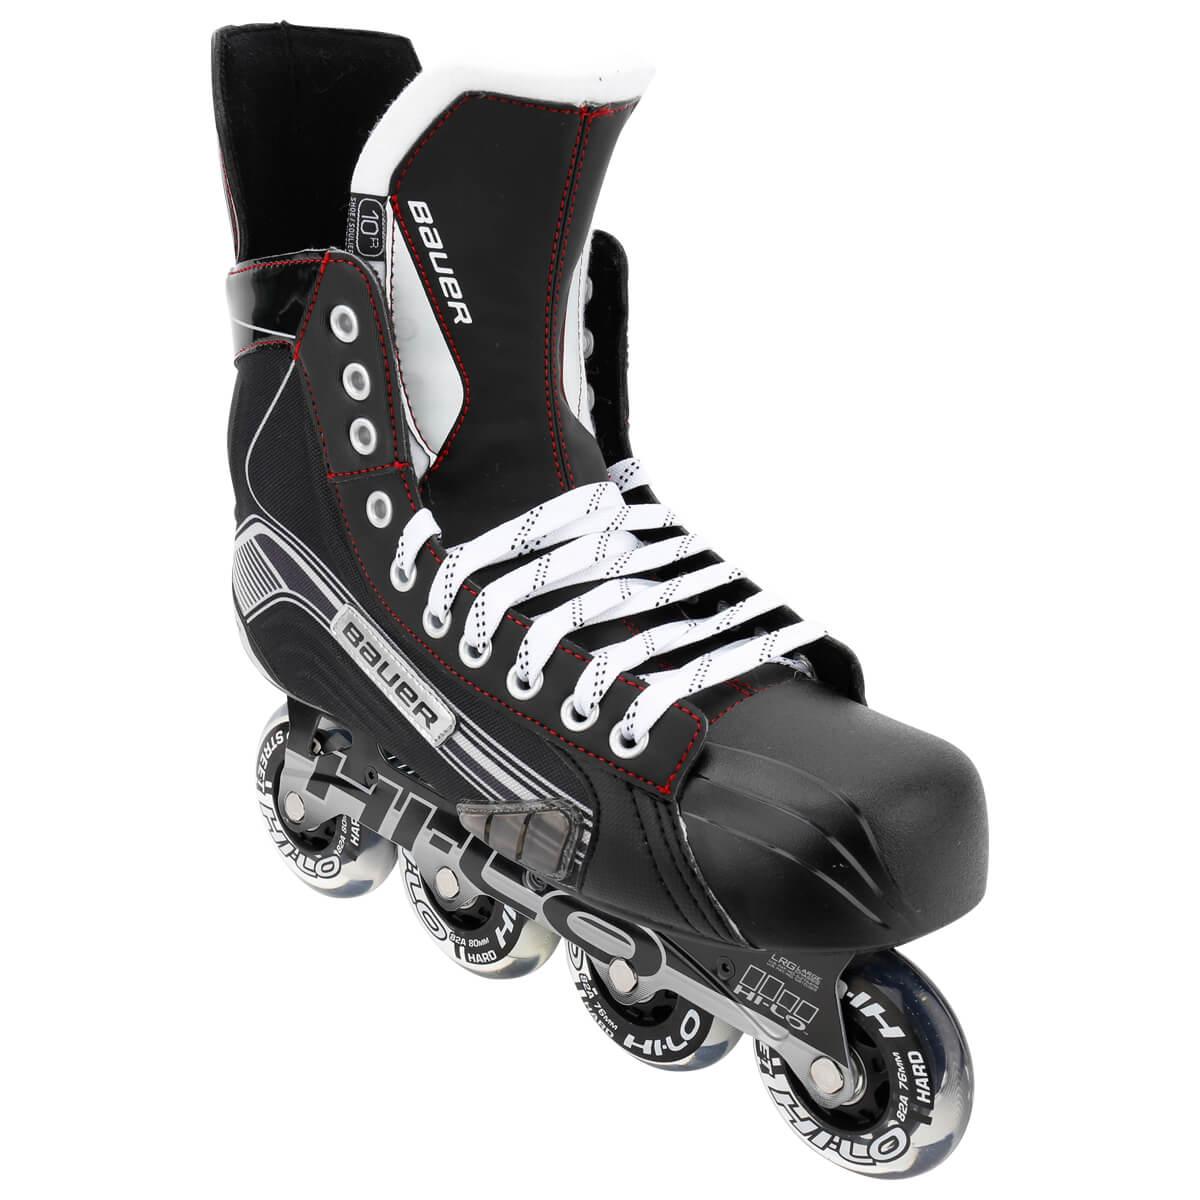 Roller skates buy nz -  Bauer Vapor X300r Sr Roller Hockey Skates 4